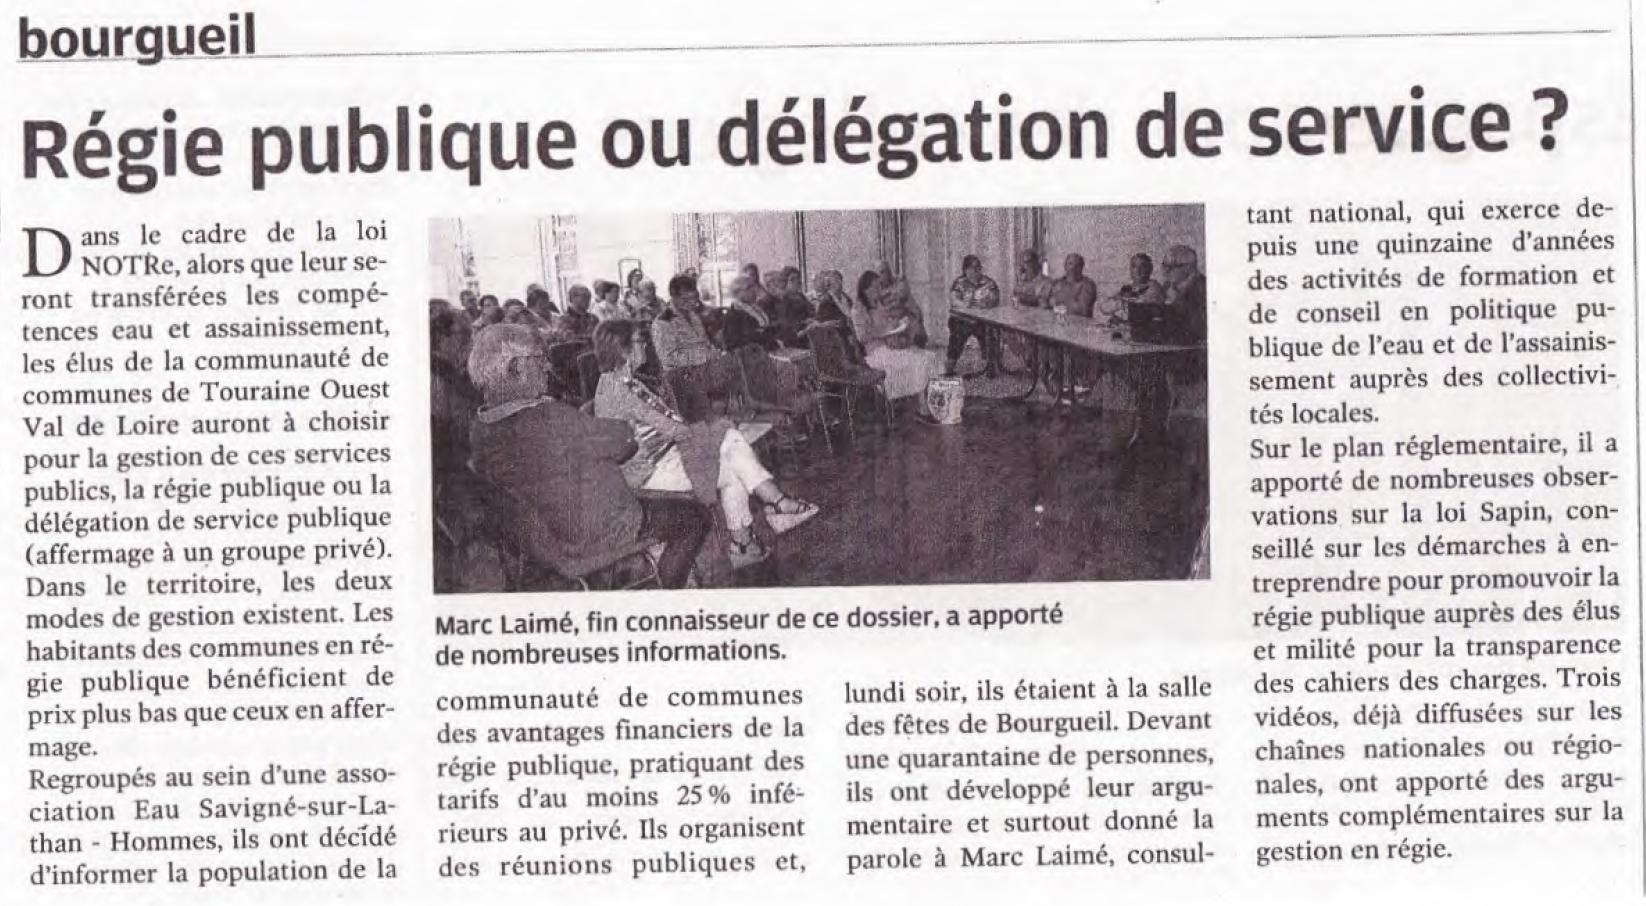 Nouvelle République 26 avril 2018 : Touraine Nord Ouest Val de Loire Bourgueil : Régie publique ou DSP ?